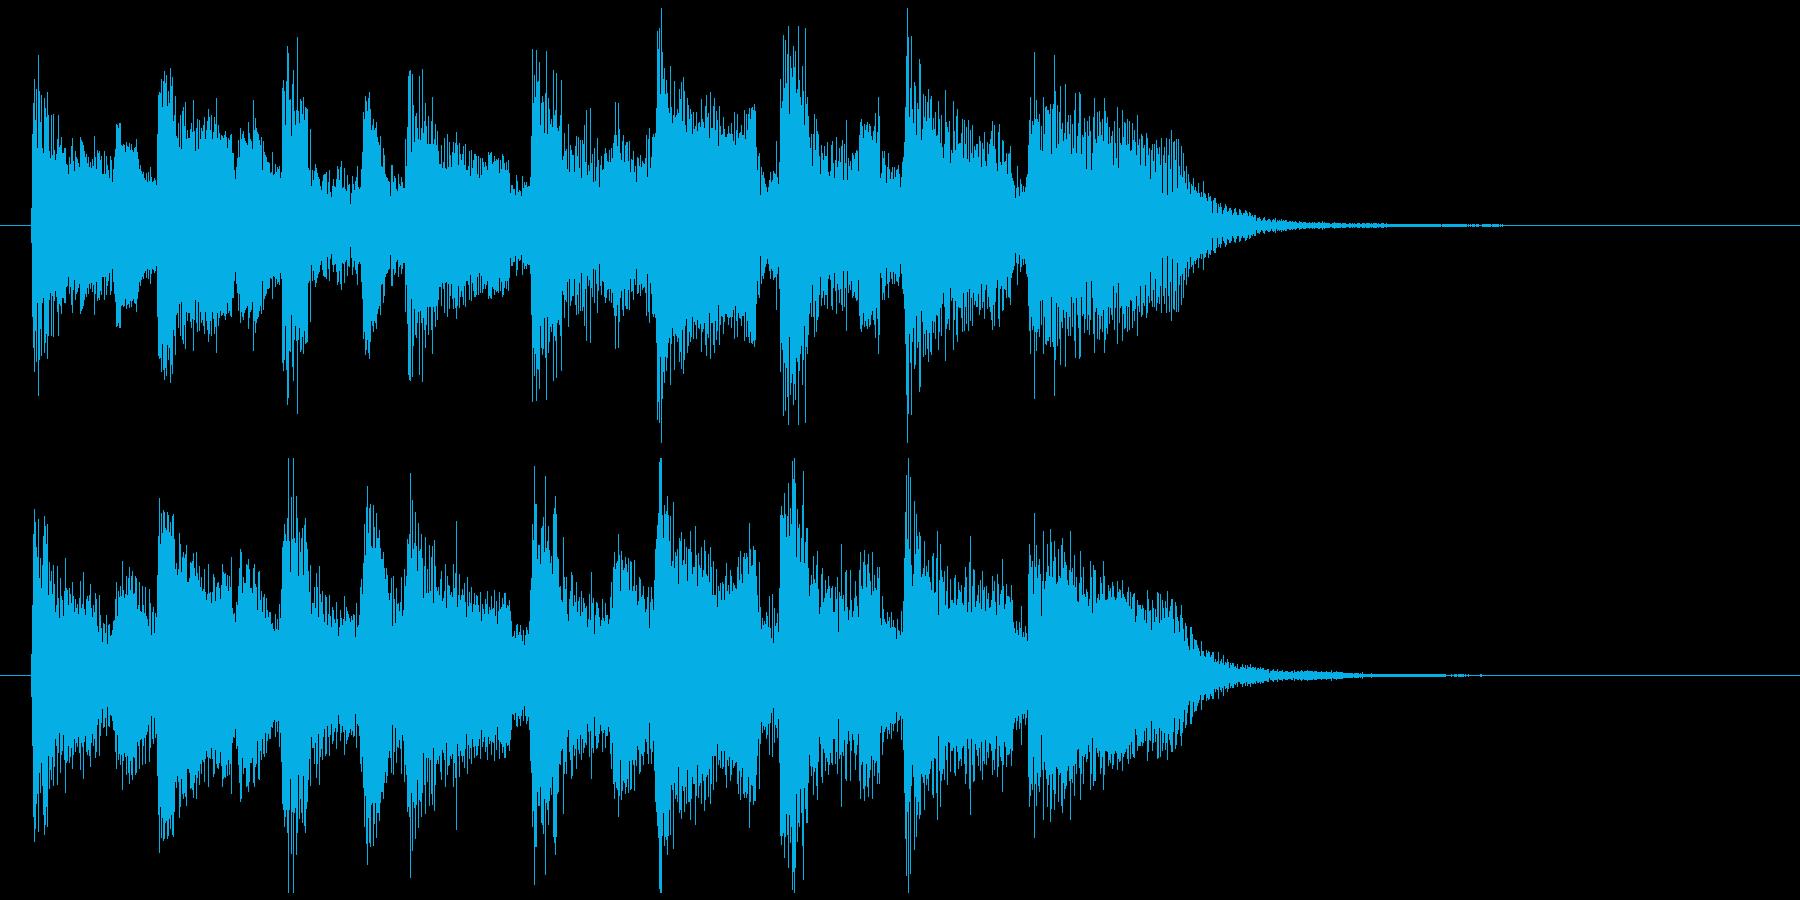 楽しいスキップ、弾むリコーダーのジングルの再生済みの波形